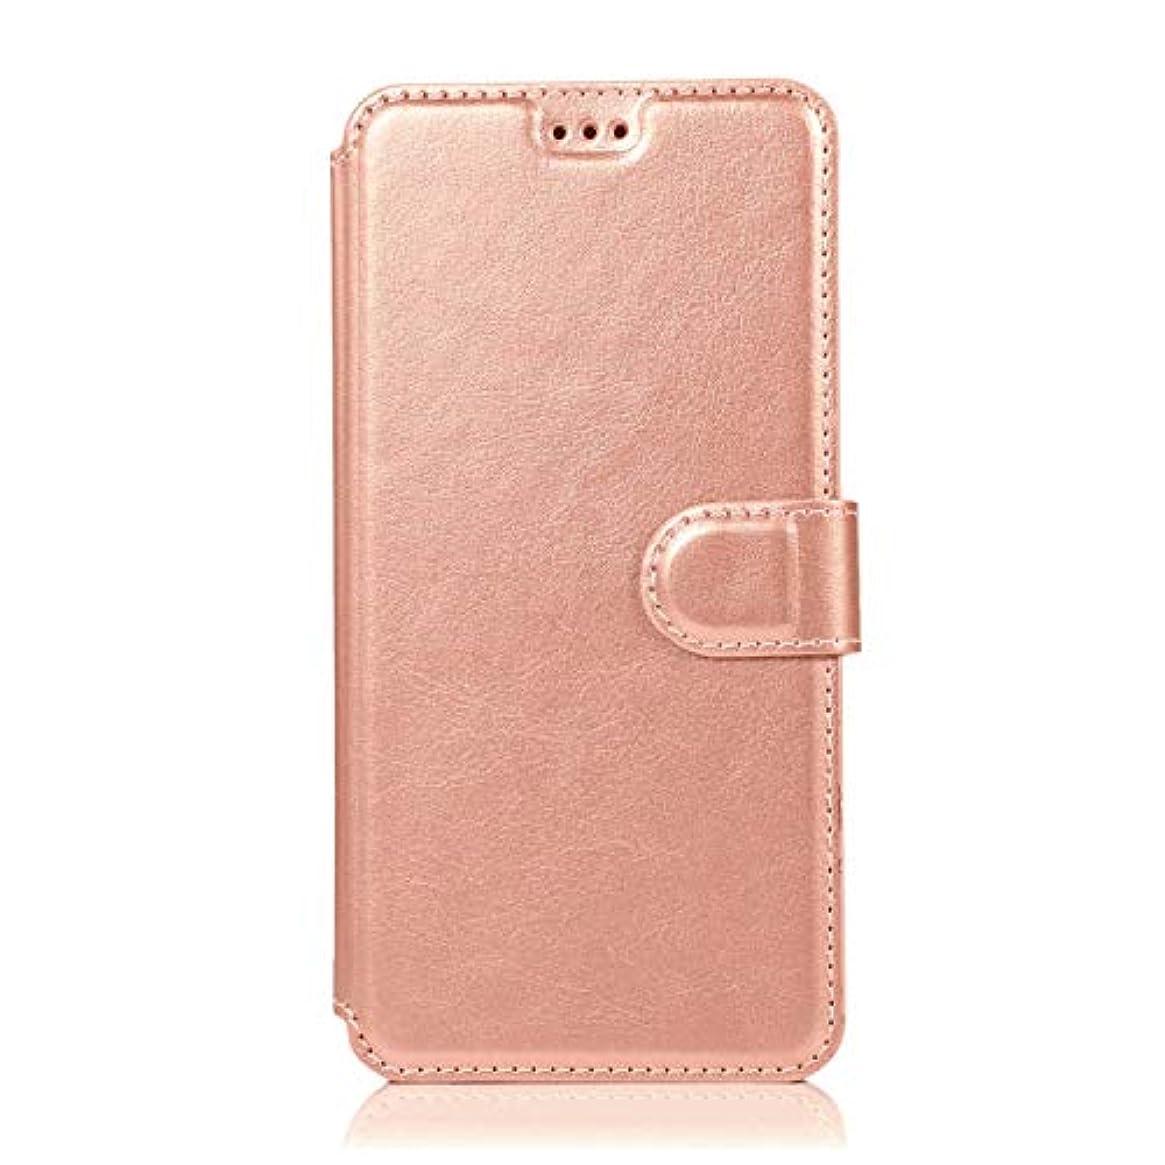 非常に拘束する楽しむiPhone X PUレザー ケース, 手帳型 ケース 本革 カバー収納 耐摩擦 ビジネス 財布 スマホケース 手帳型ケース iPhone アイフォン X レザーケース